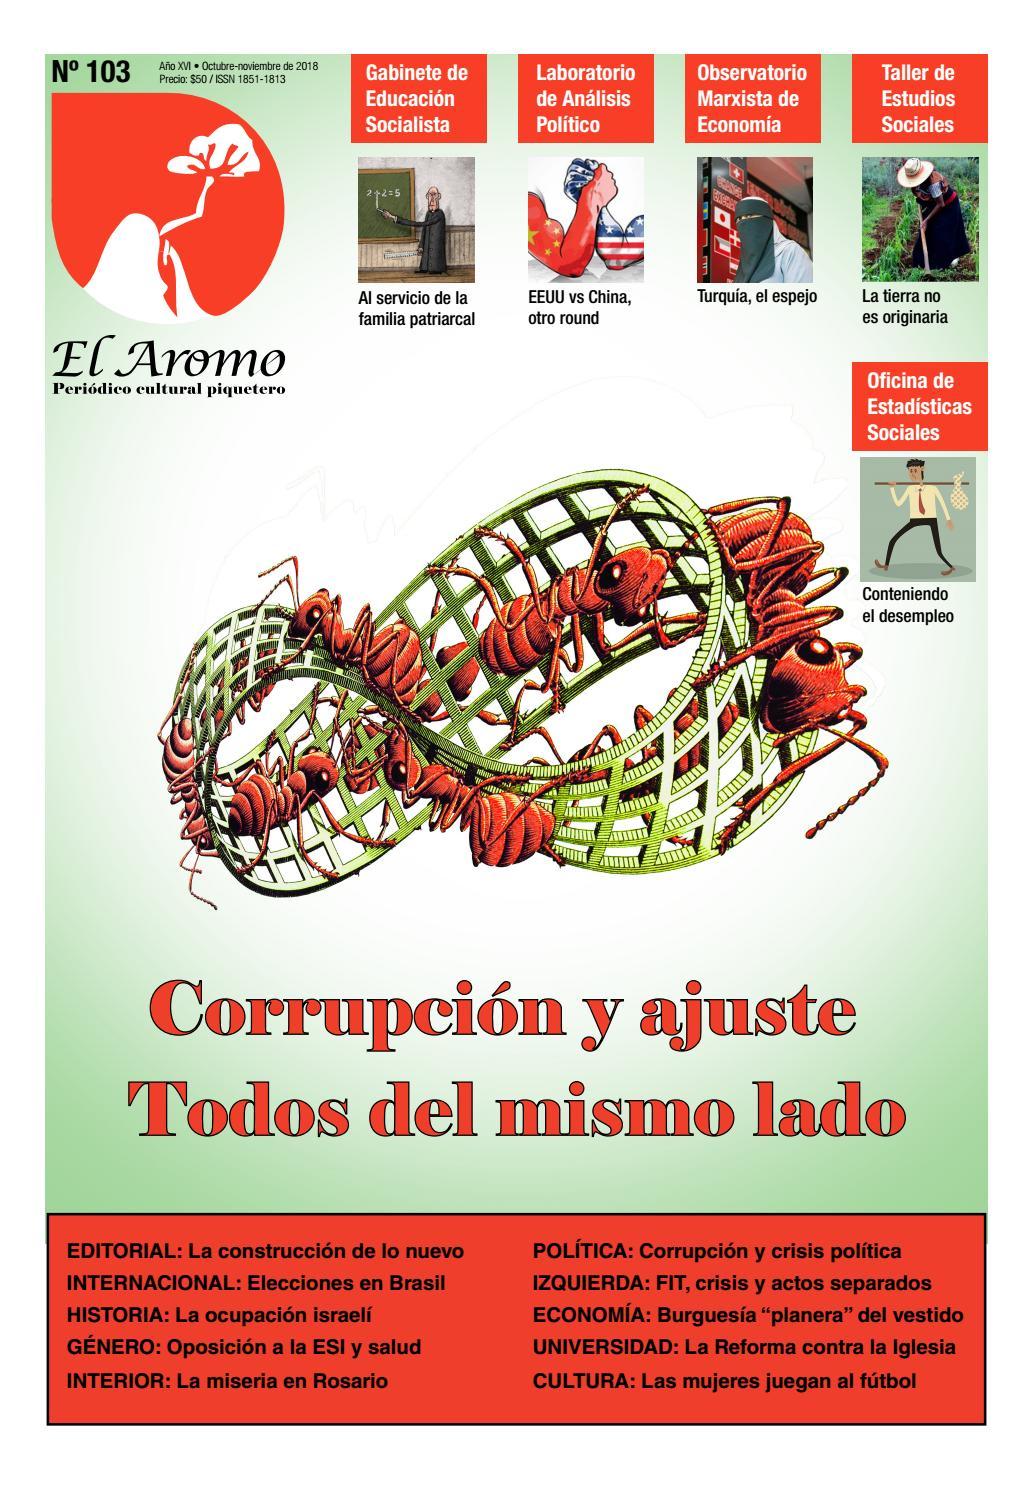 El Aromo N˚103  Corrupción y ajuste. Todos del mismo lado by Razón y  Revolución - issuu 8d53377d9476f